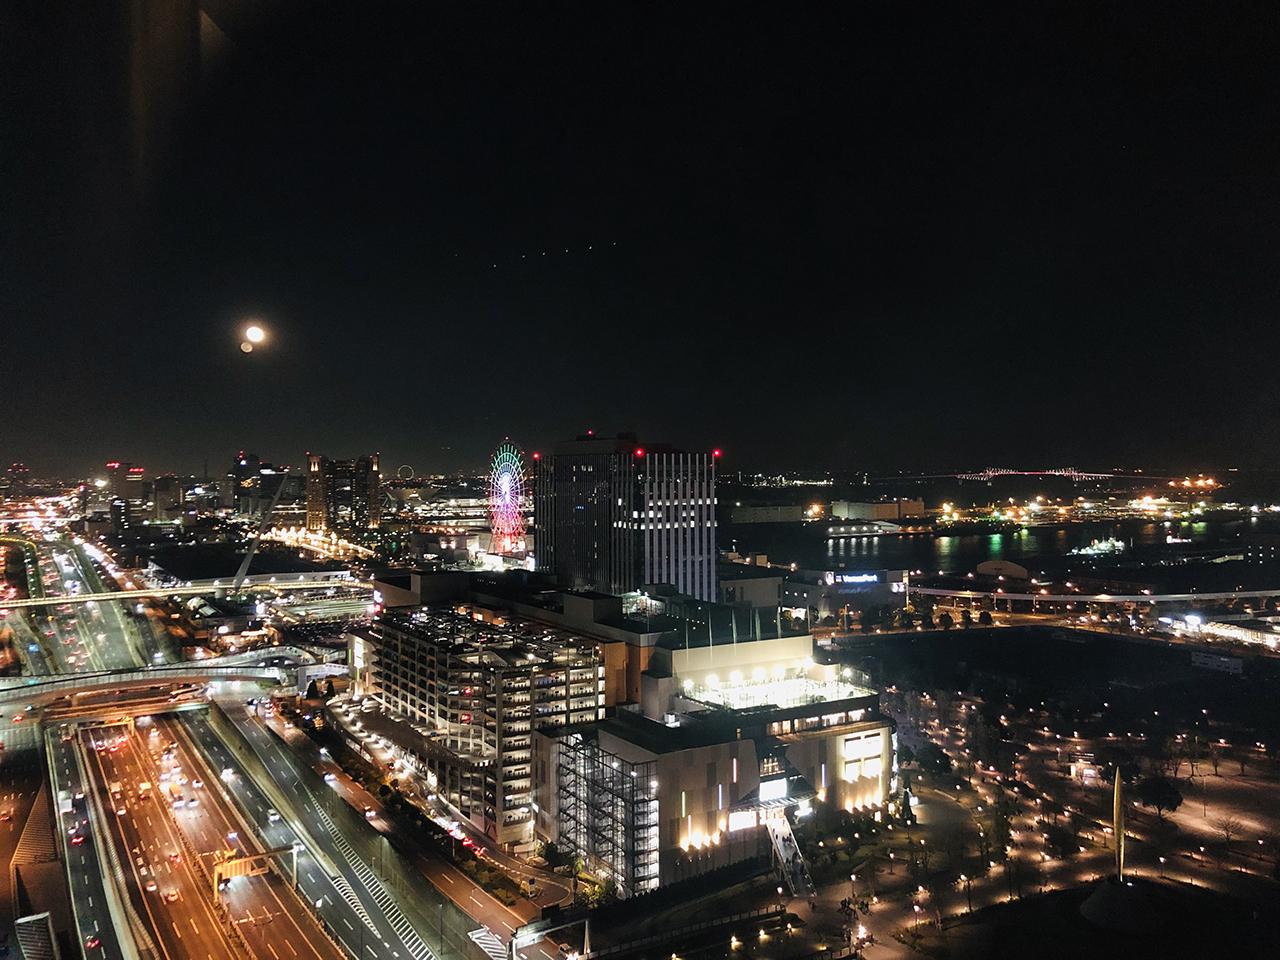 窓から見る景色の写真3